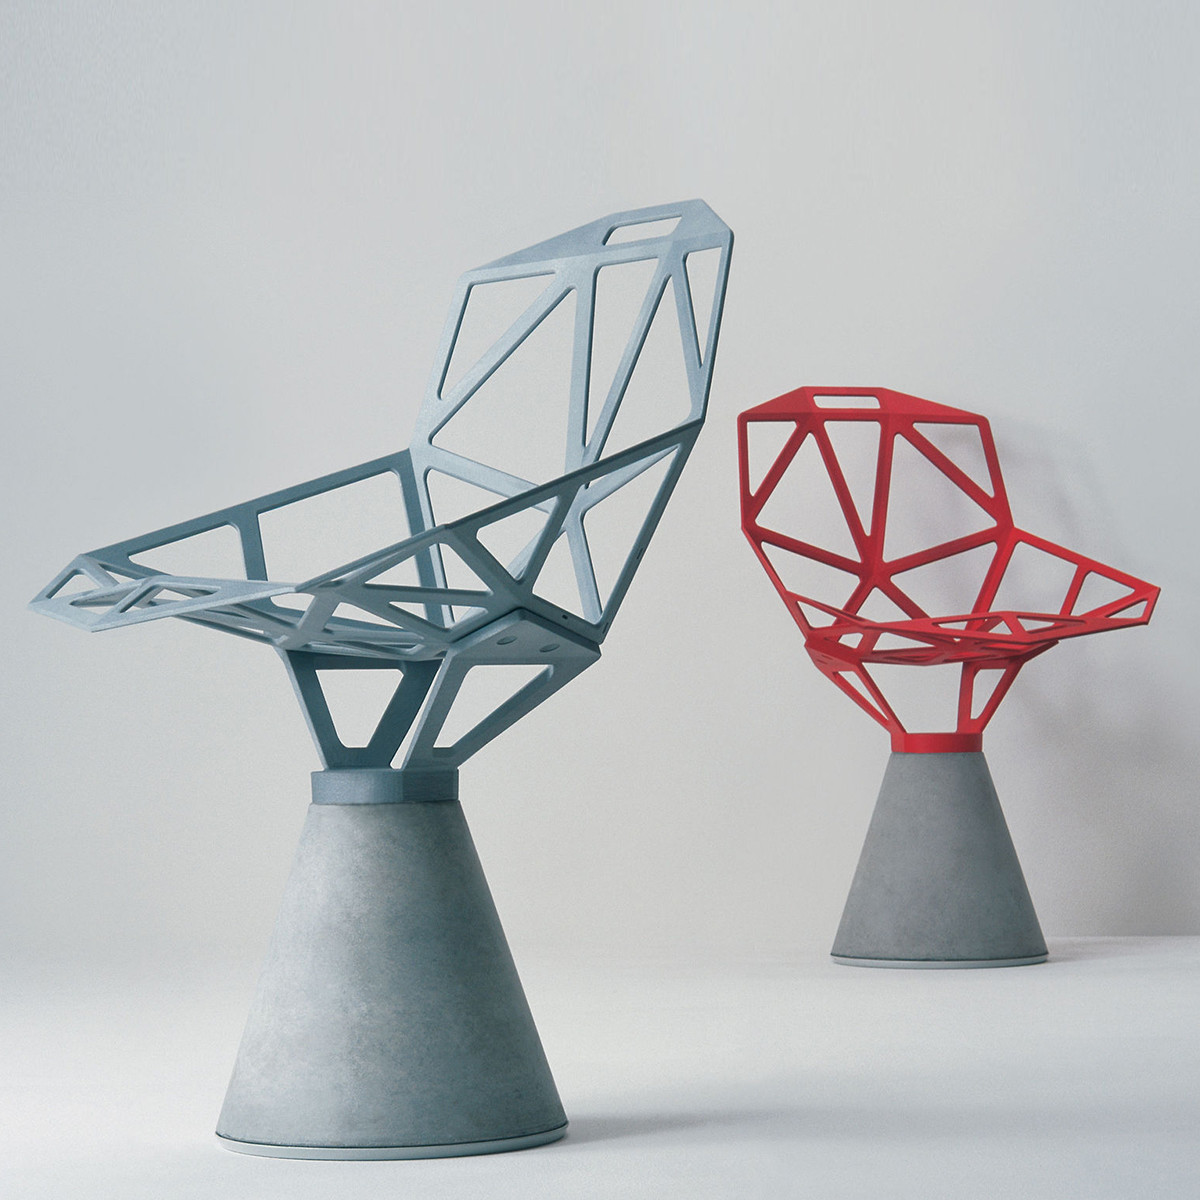 Magis Chair One Stuhl Mit Zement Sockel Drehbar Casa De